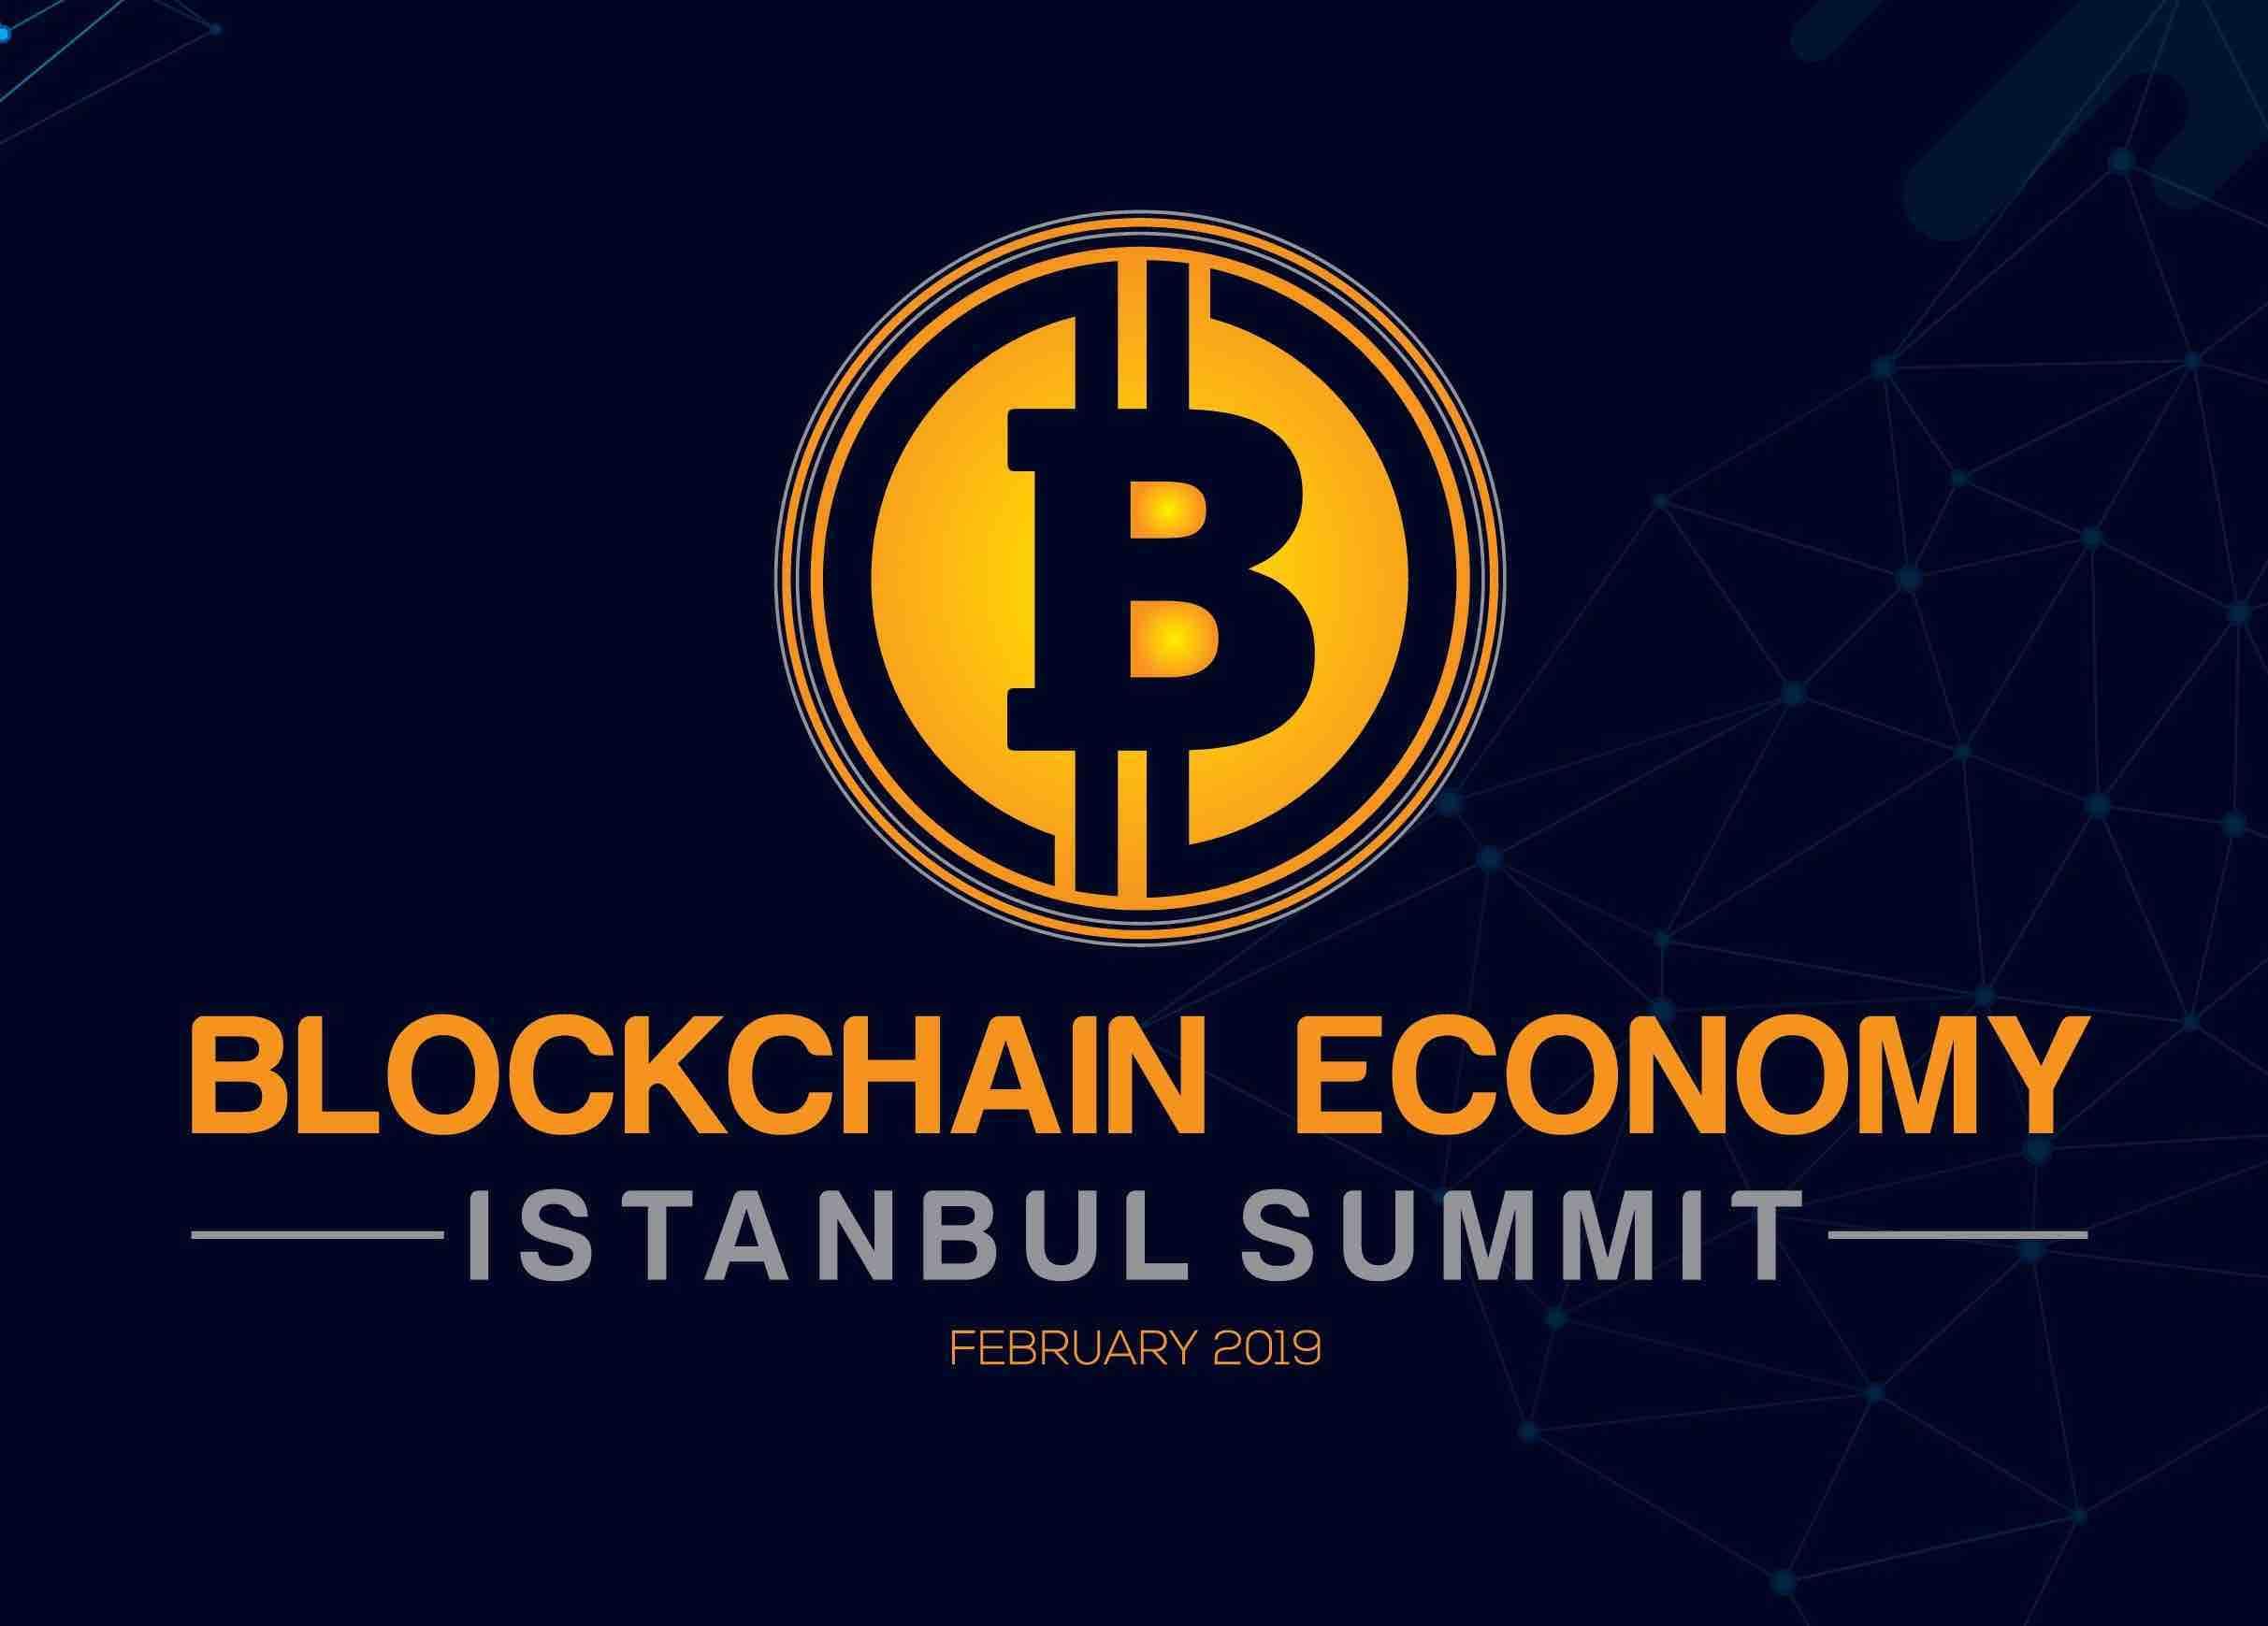 Blockchain Economy Istanbul